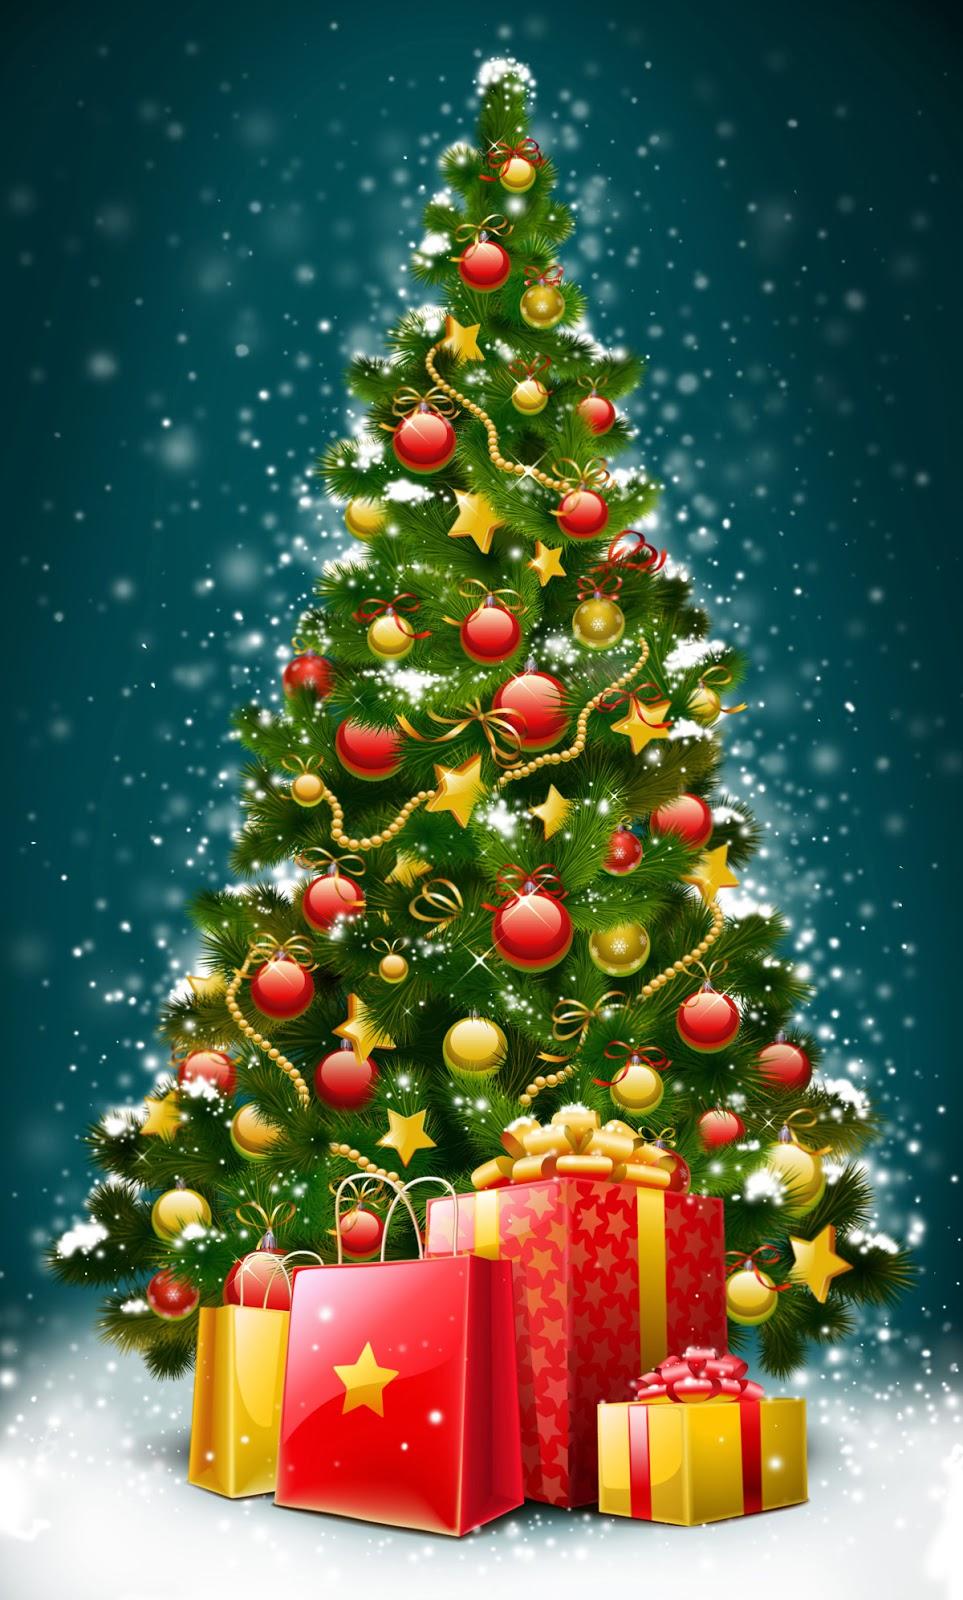 El solsticio de invierno y el esp ritu de la navidad - Albol de navidad ...